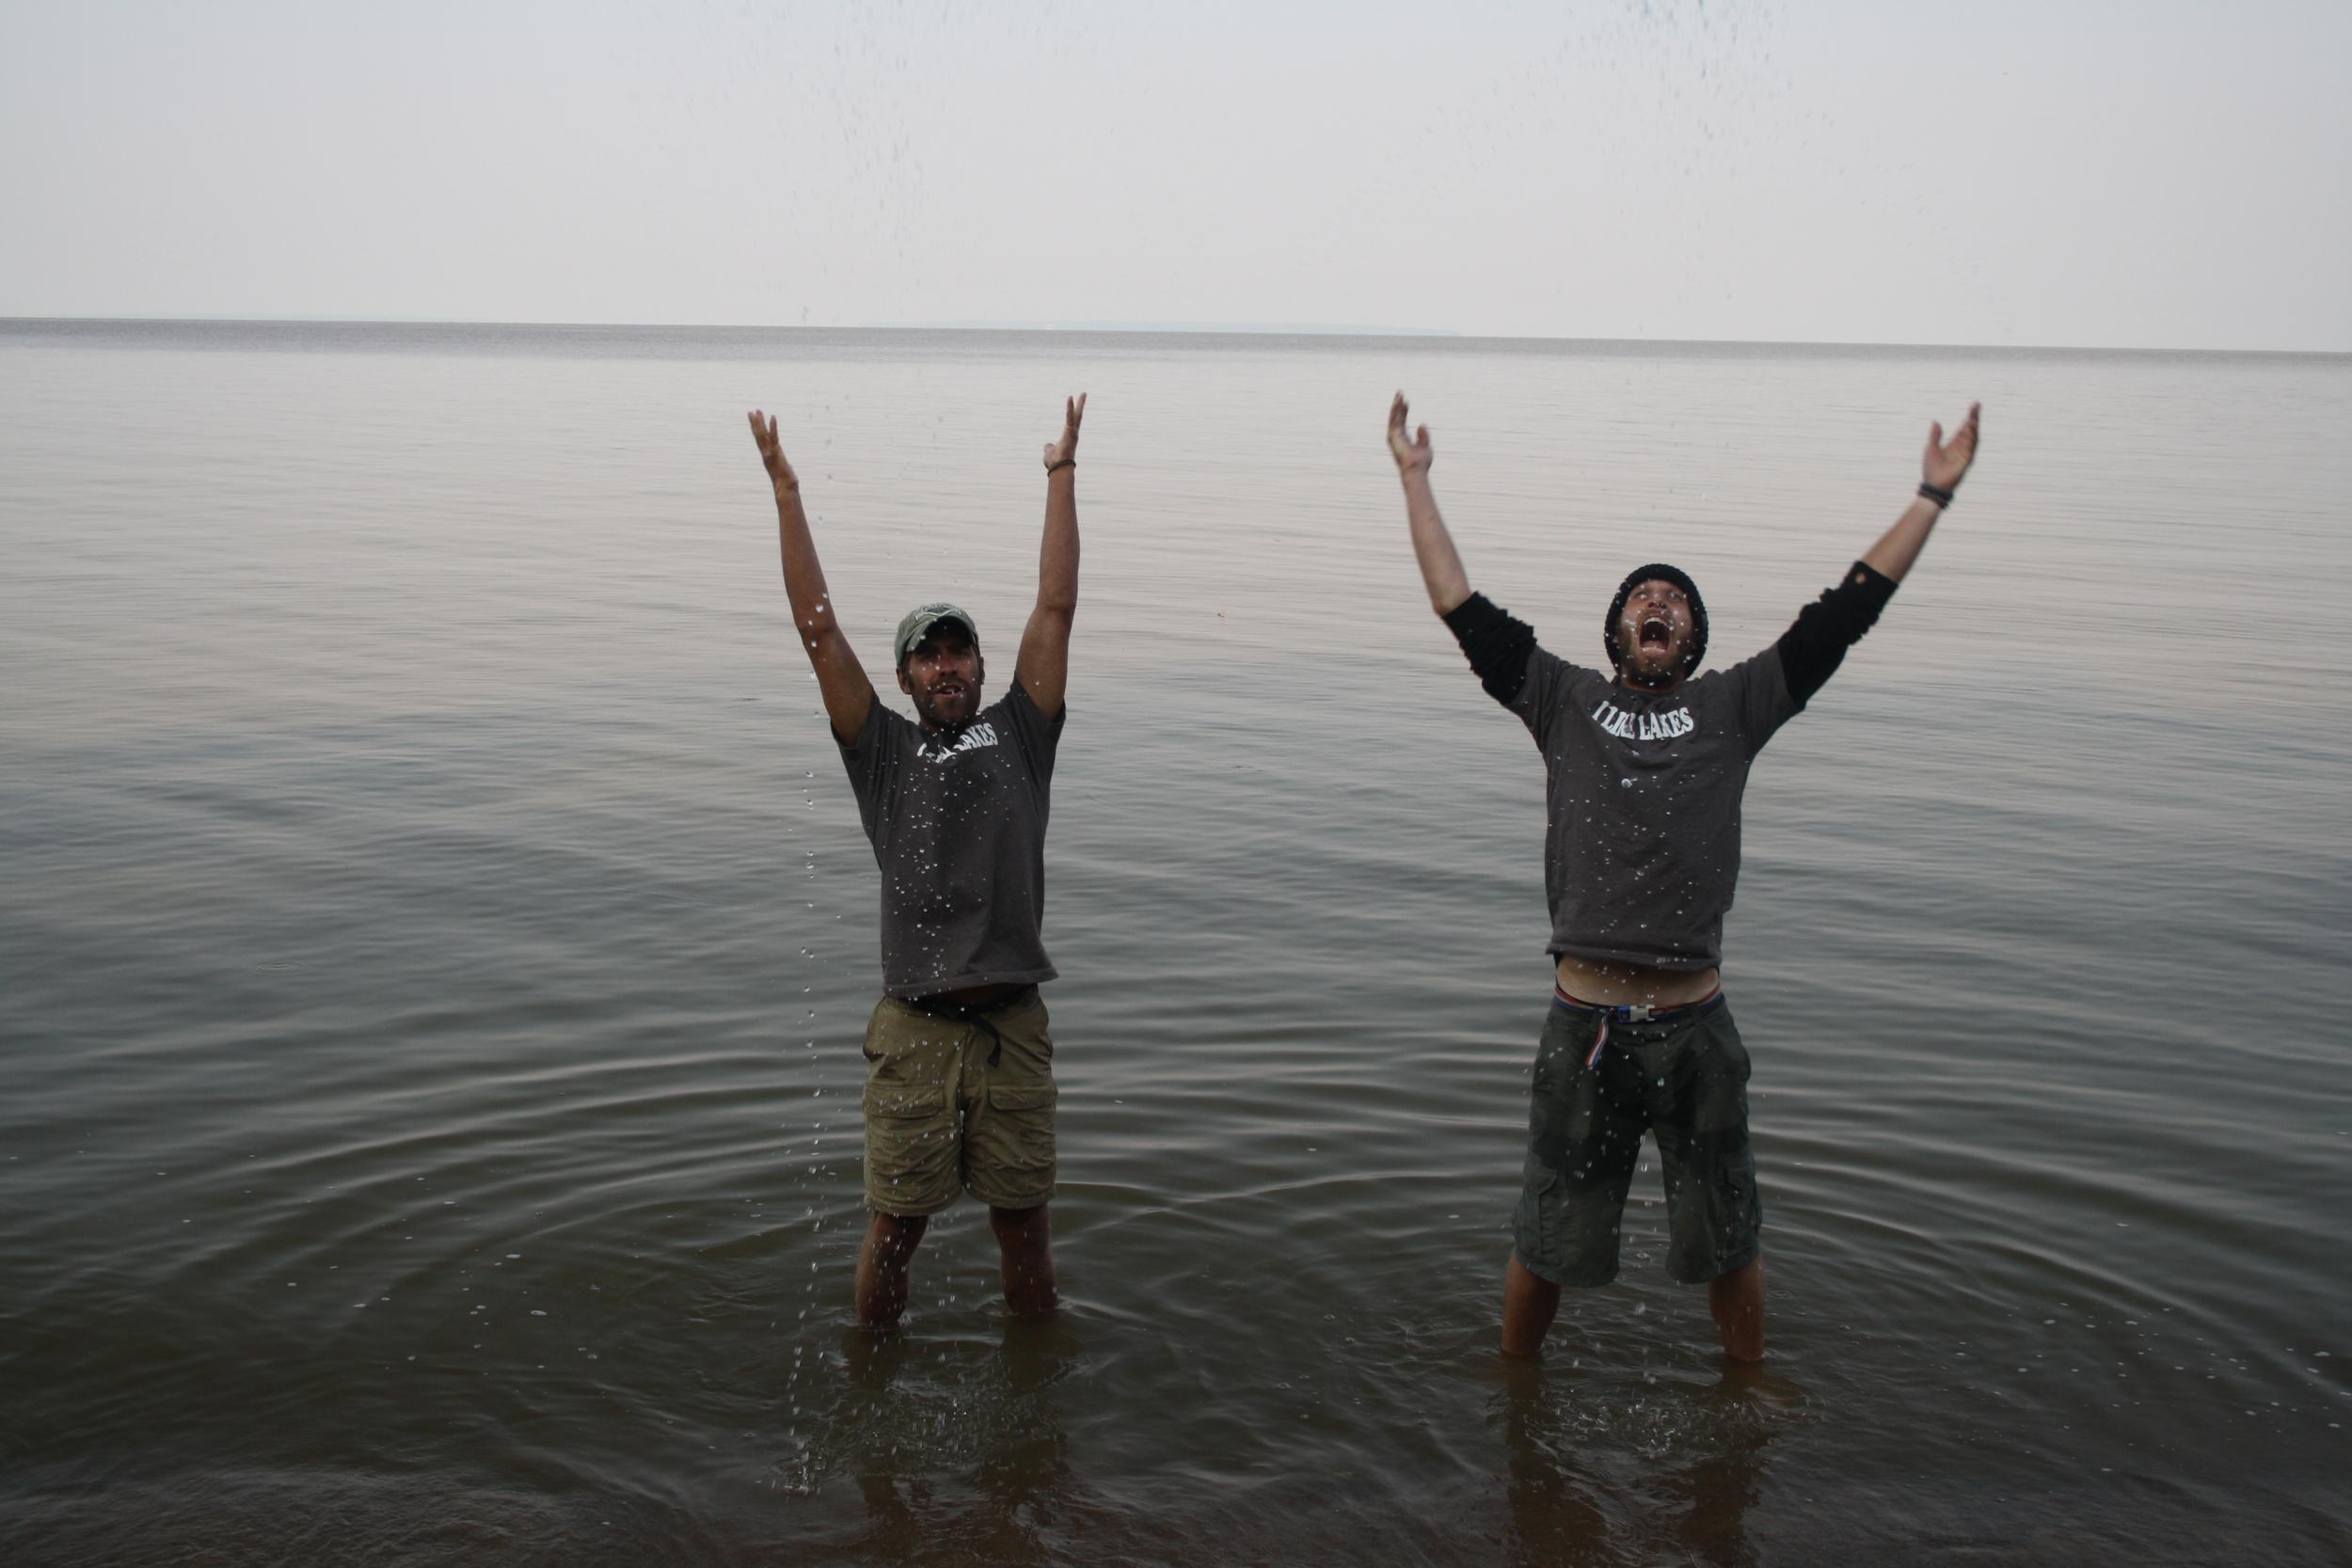 Last Day on Lake Winnipeg